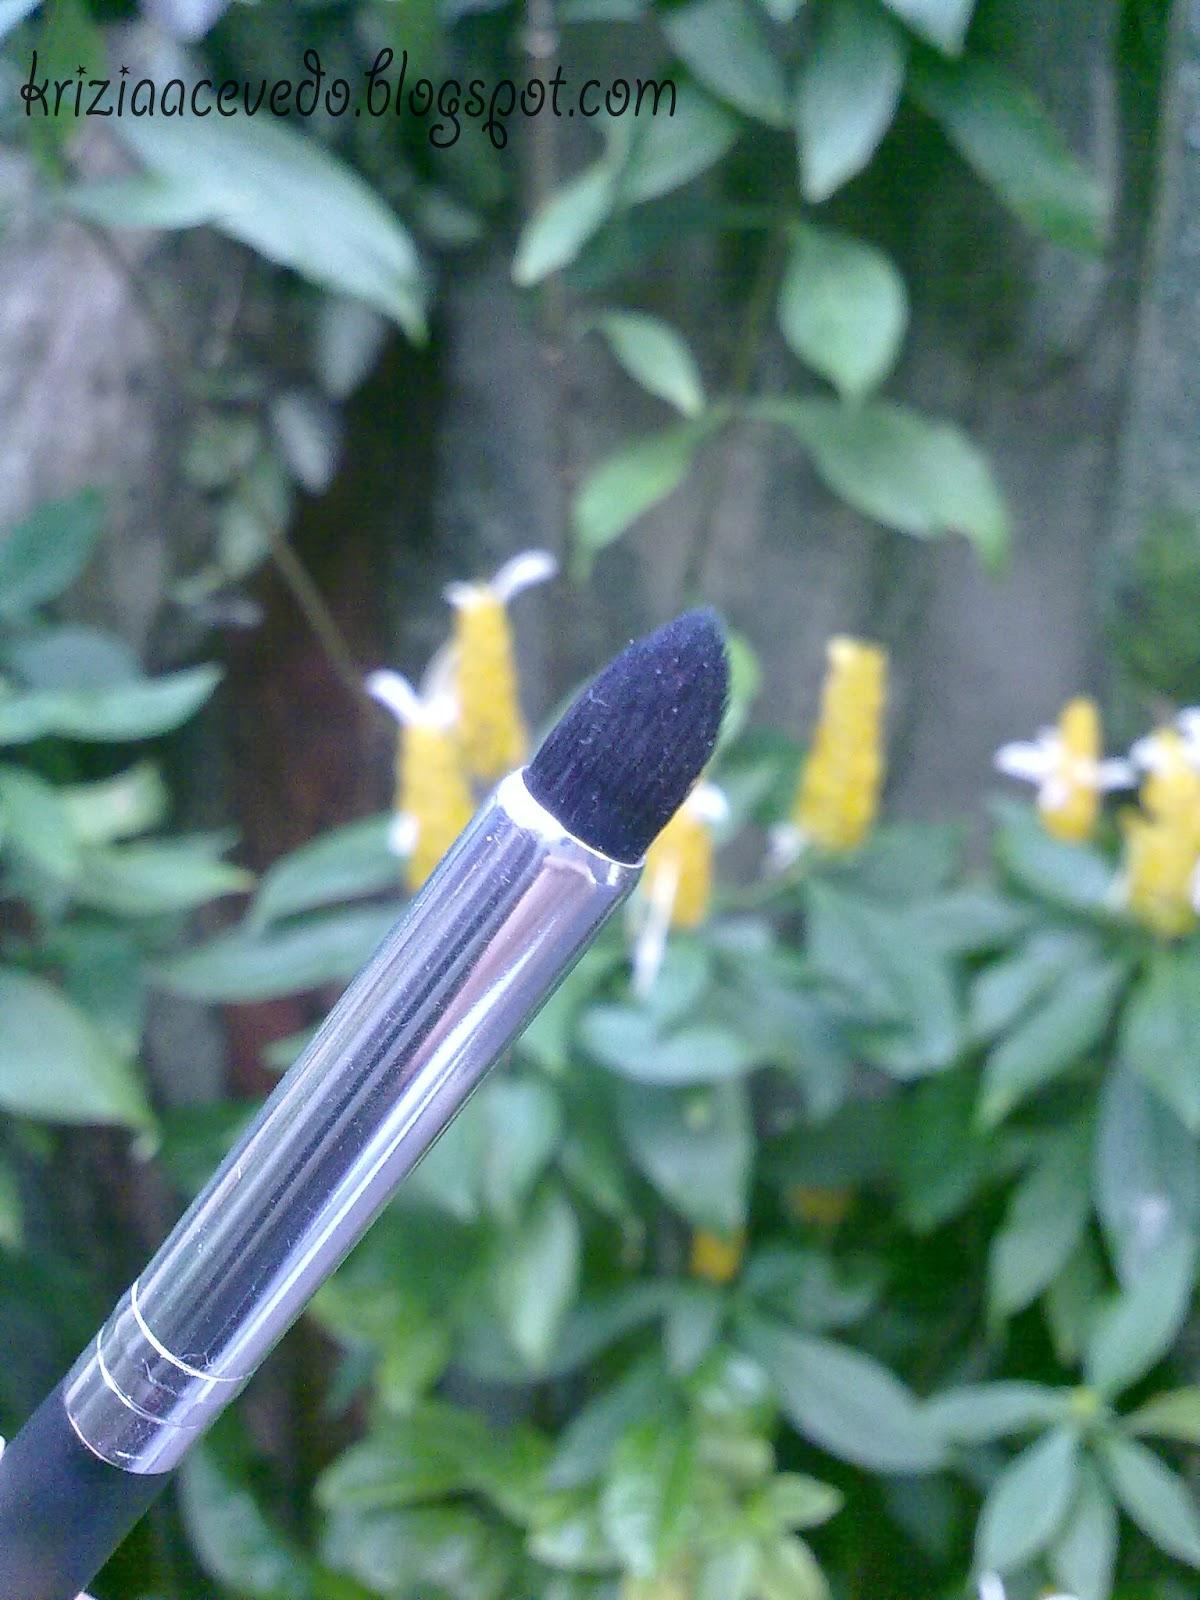 Watsons makeup brushes price